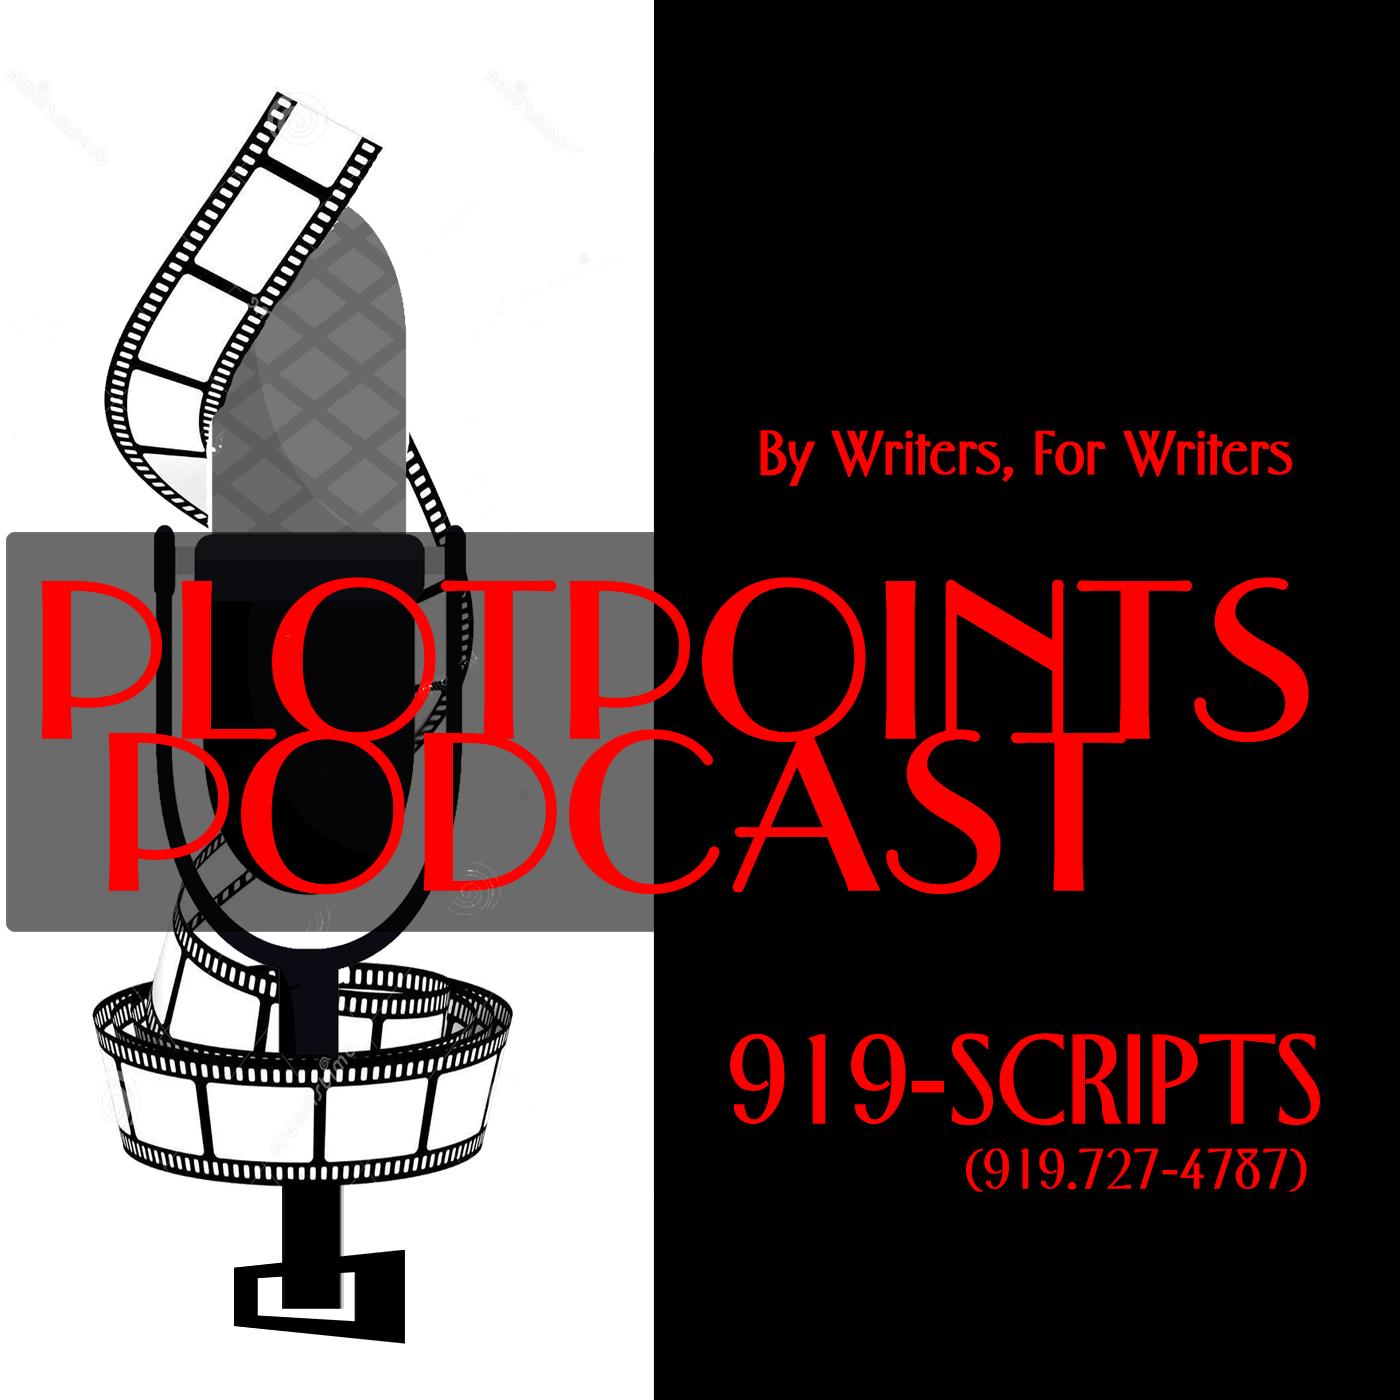 plotpoints podcast logo